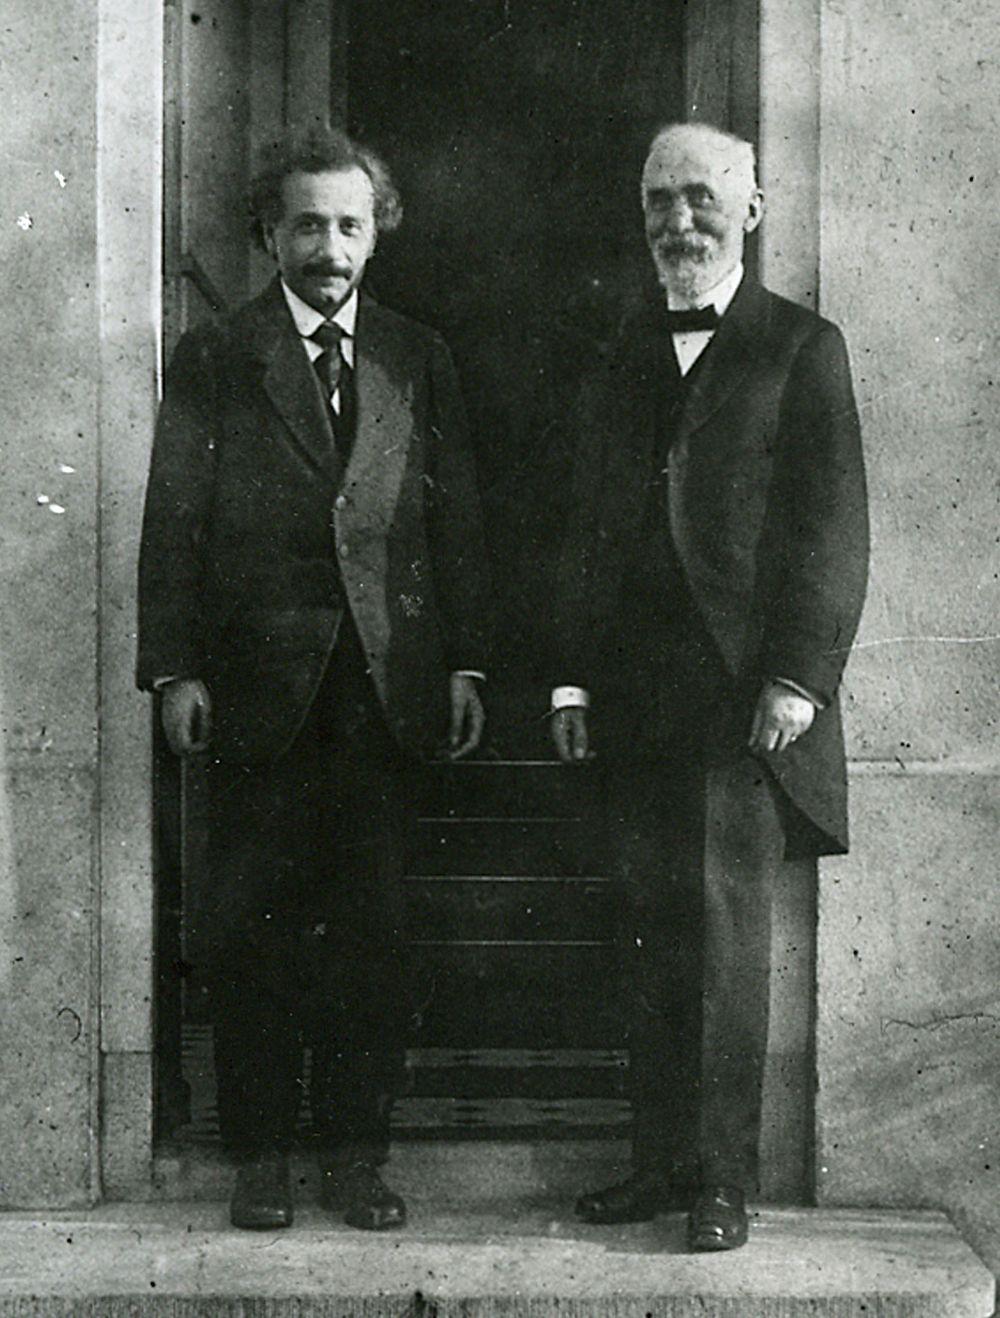 Несмотря на то, что идеи Эйнштейна разделяли не все, он пользовался большим уважением среди коллег. Например, Хендрик Лоренц (на фото) не до конца соглашался с Эйнштейном и интерпретировал его теории в контексте собственных, однако именно он в 1920-м выдвинул его на Нобелевскую премию. В 1928 году Эйнштейн находился рядом с Лоренцом, когда тот умер.